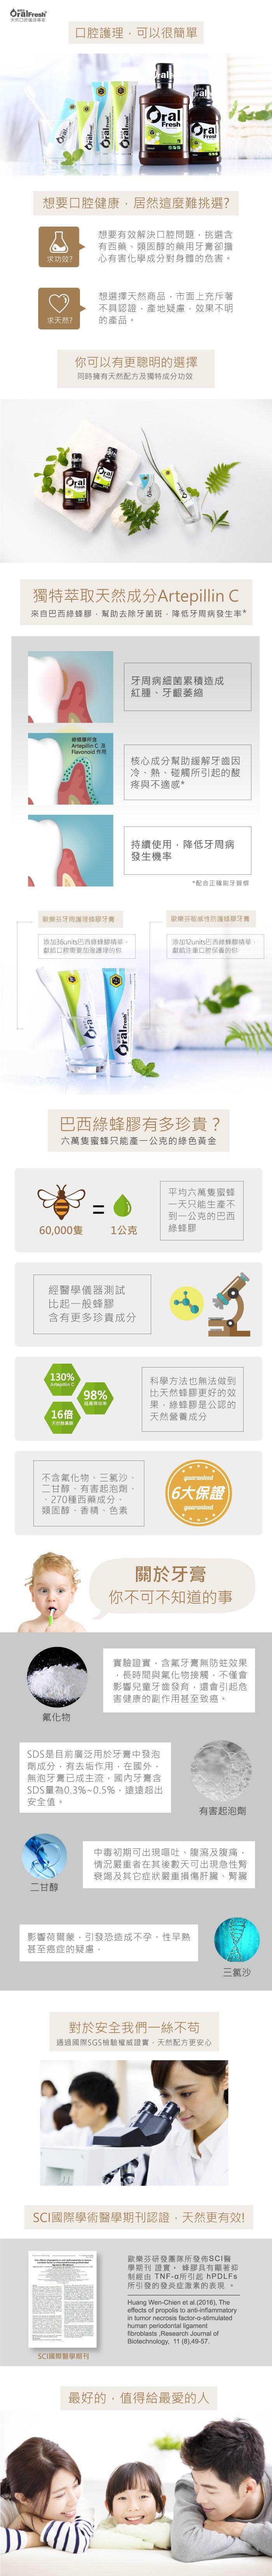 歐樂芬牙周護理蜂膠牙膏(120g)產品資訊